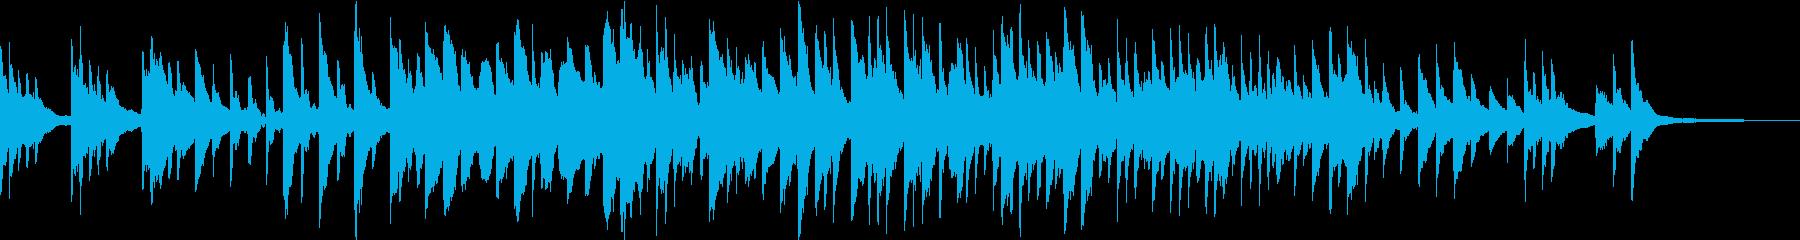 儚げで温もりのあるピアノアンビエント の再生済みの波形